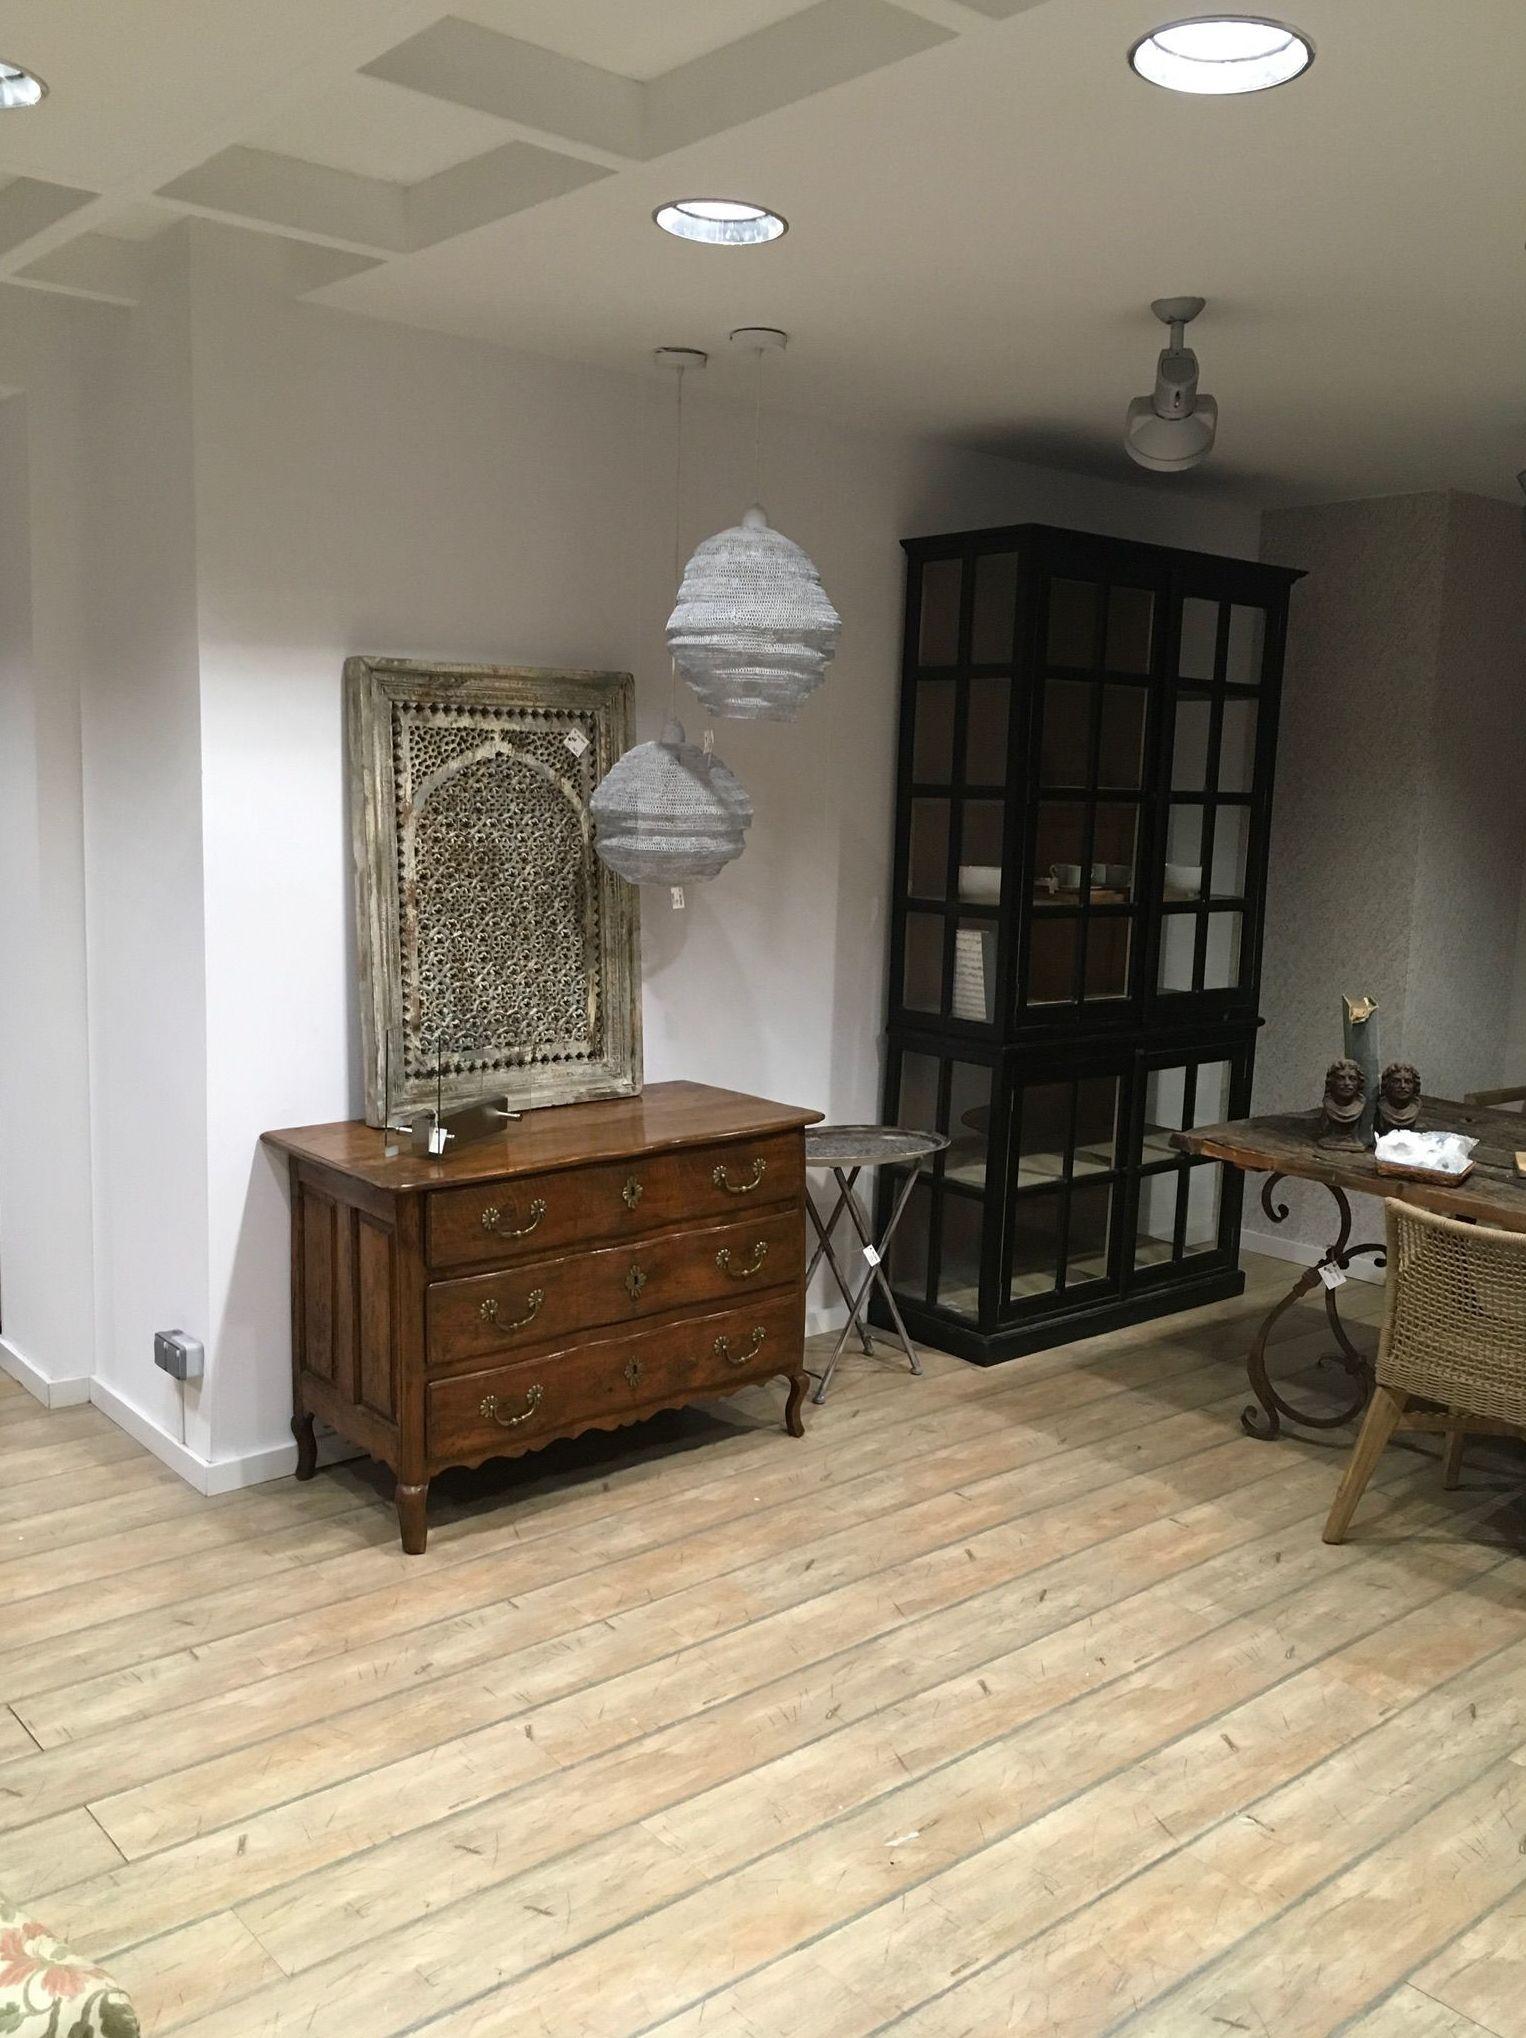 Foto 43 de Muebles y decoración en VALENCIA | Ste Odile Decoración